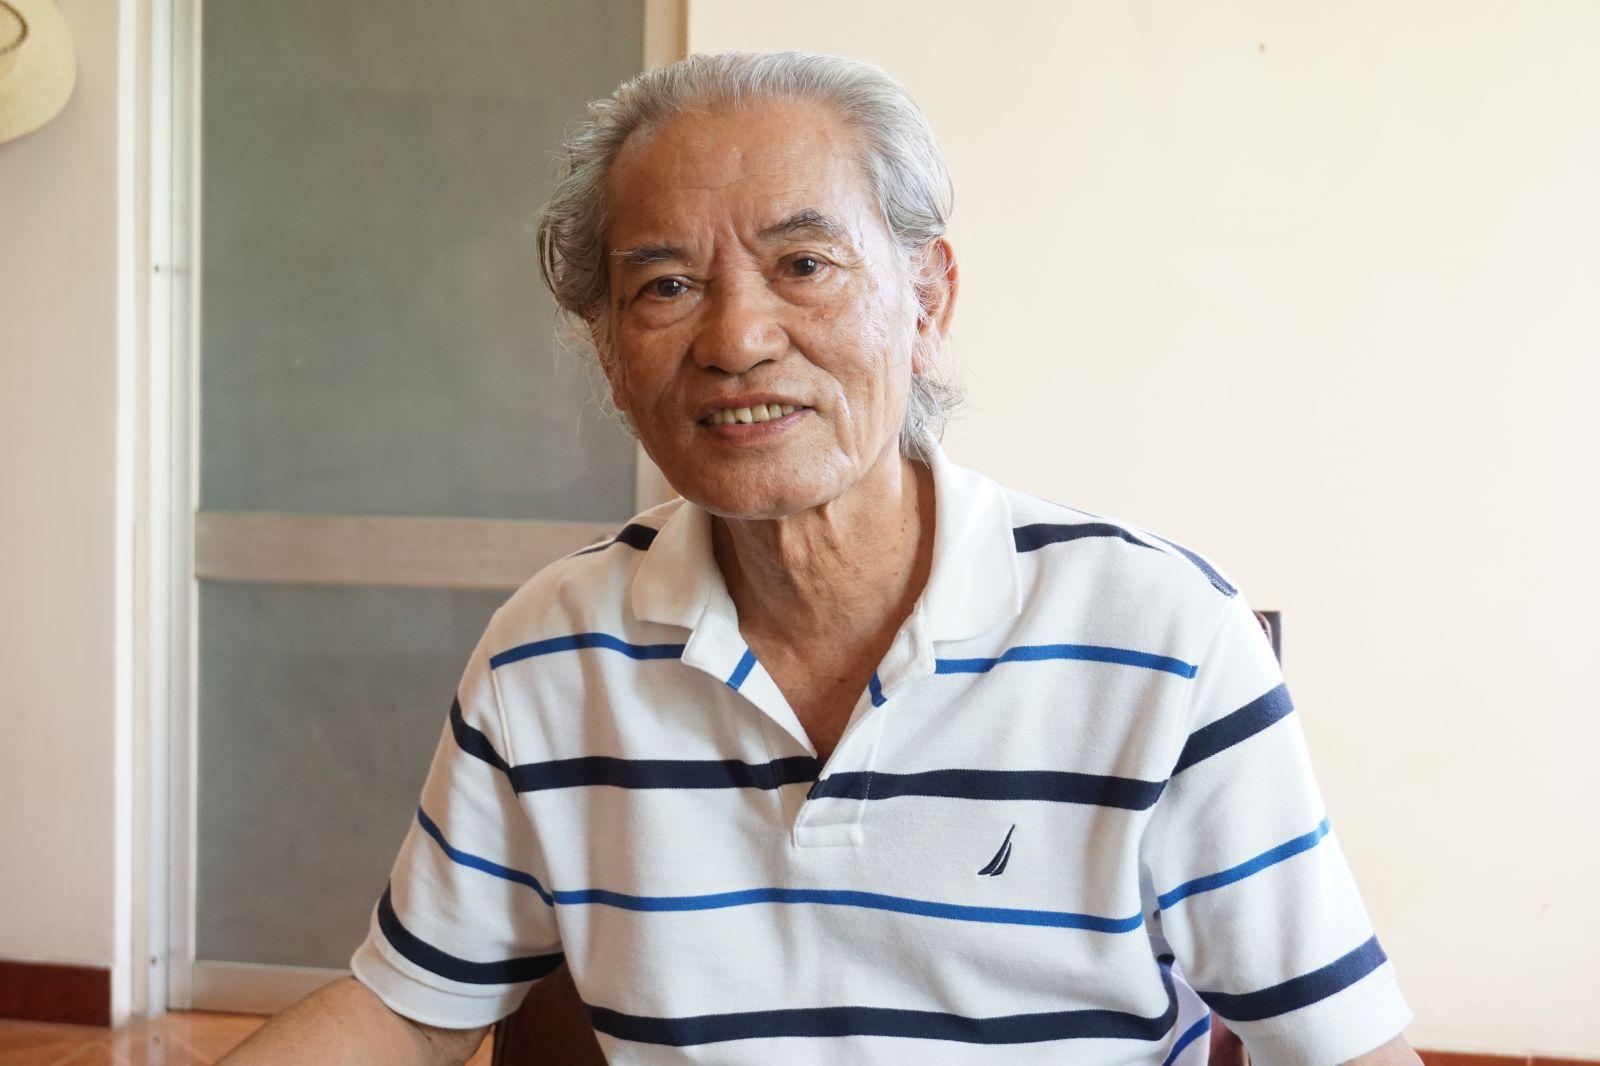 Ông Hồ Duy Diệm – Kiến trúc sư, nguyên Trưởng ban quy hoạch TP. Đà Nẵng